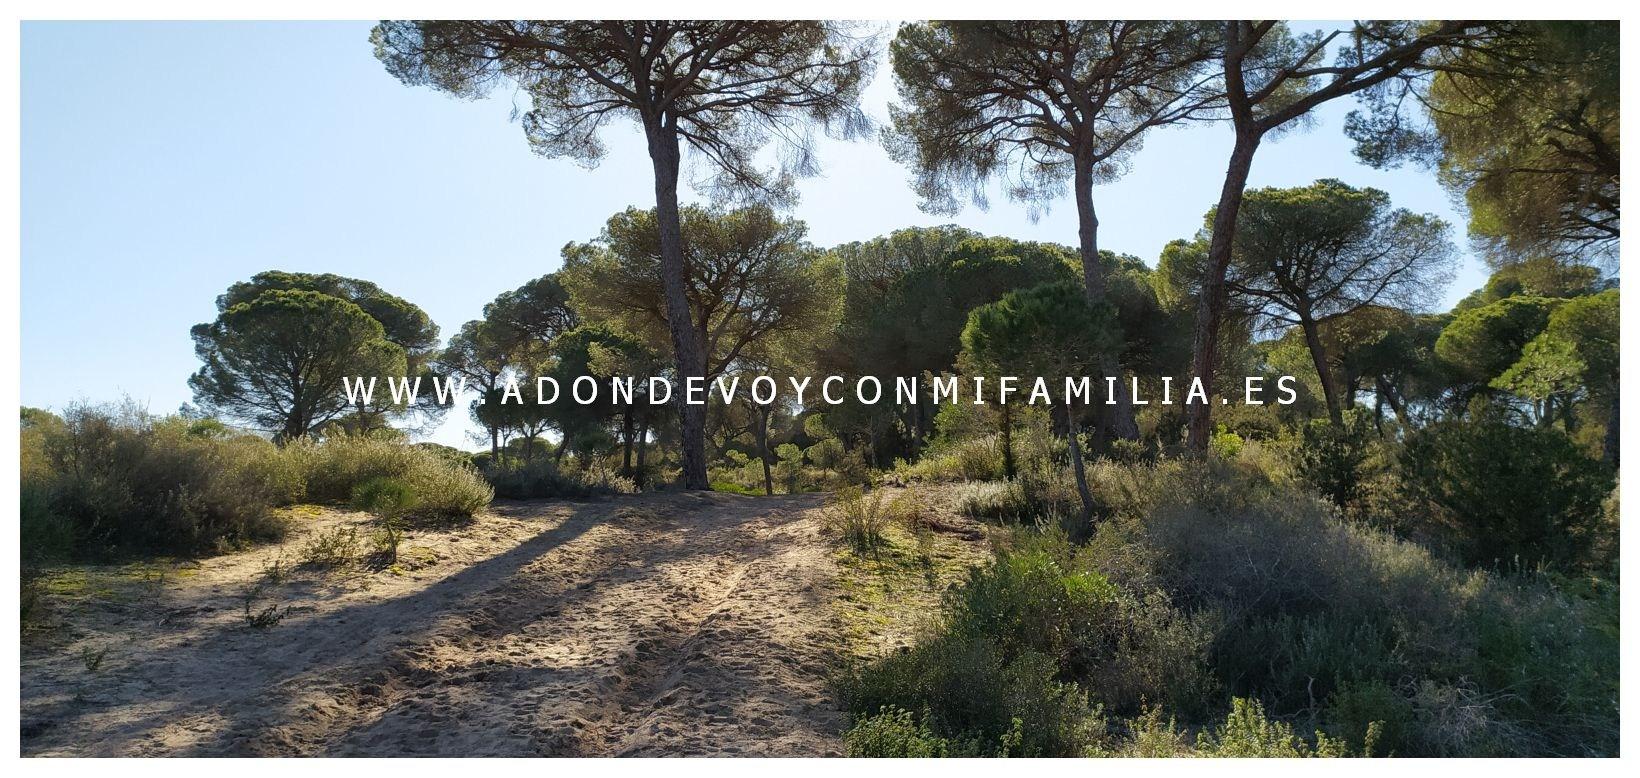 sendero-cerro-del-aguila-pinar-de-la-algaida-sanlucar-adondevoyconmifamilia-04